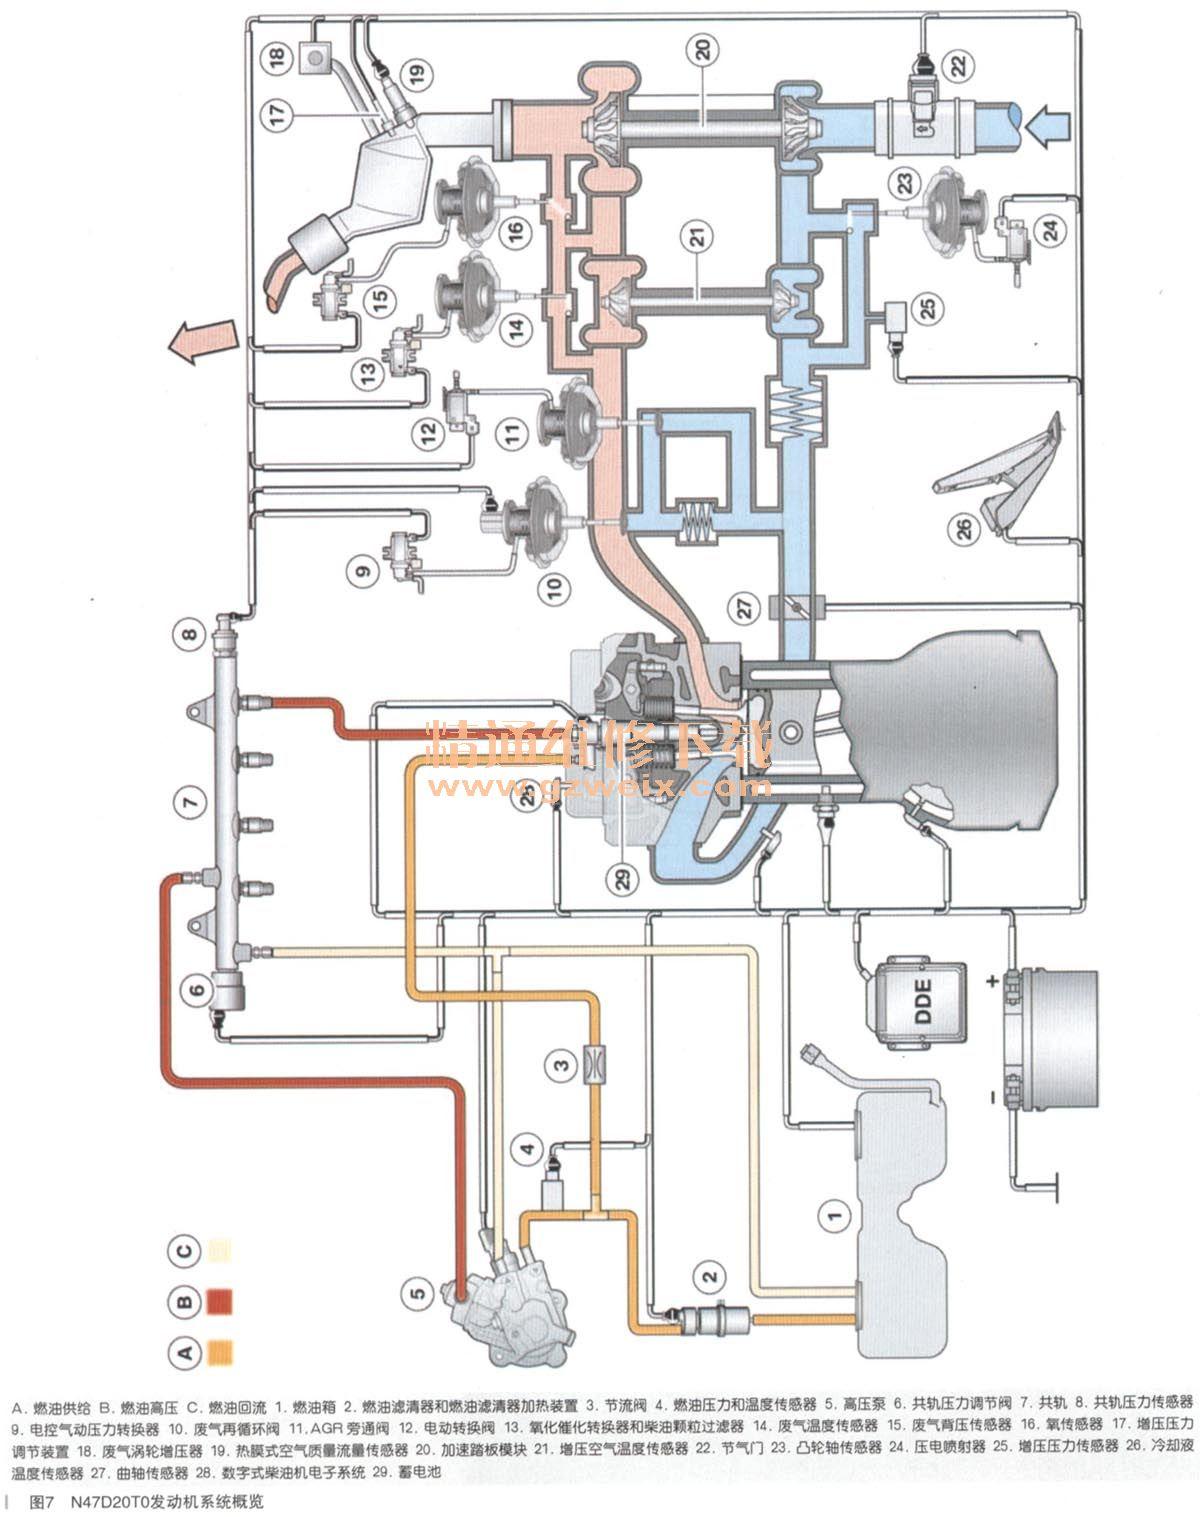 宝马柴油发动机燃油混合气制备装置结构 原理 (二)